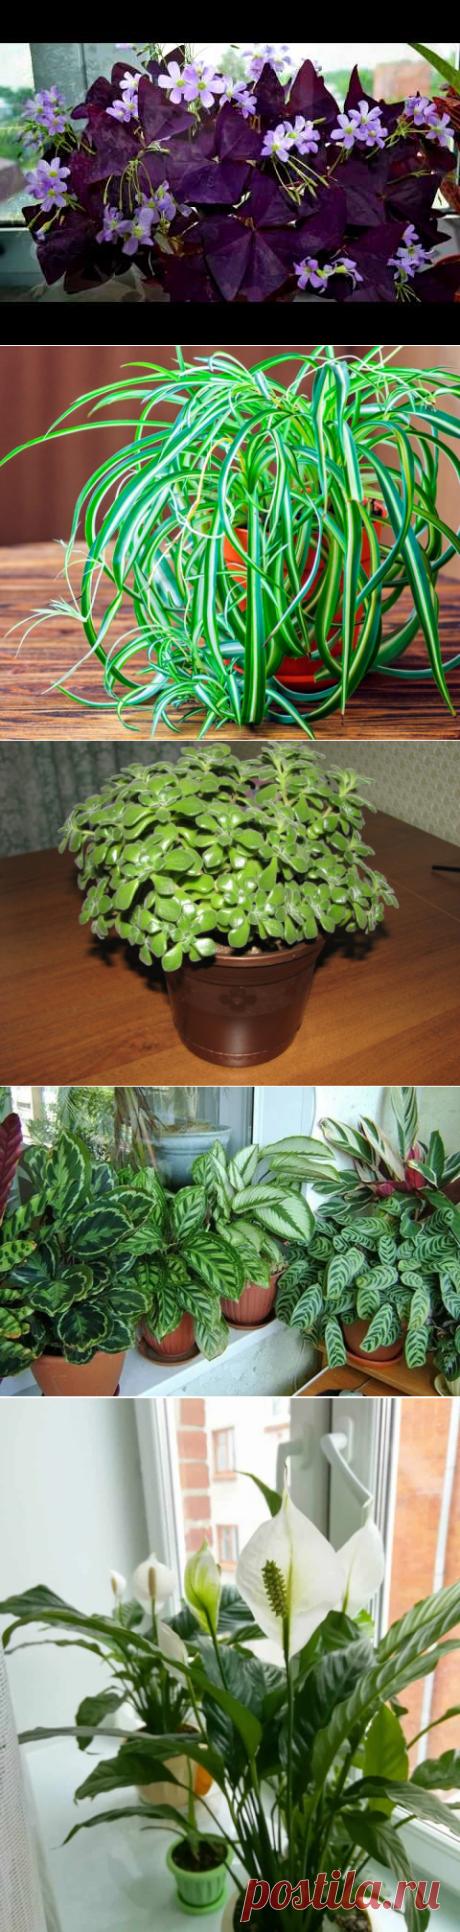 Комнатные растения и связанные с ними приметы